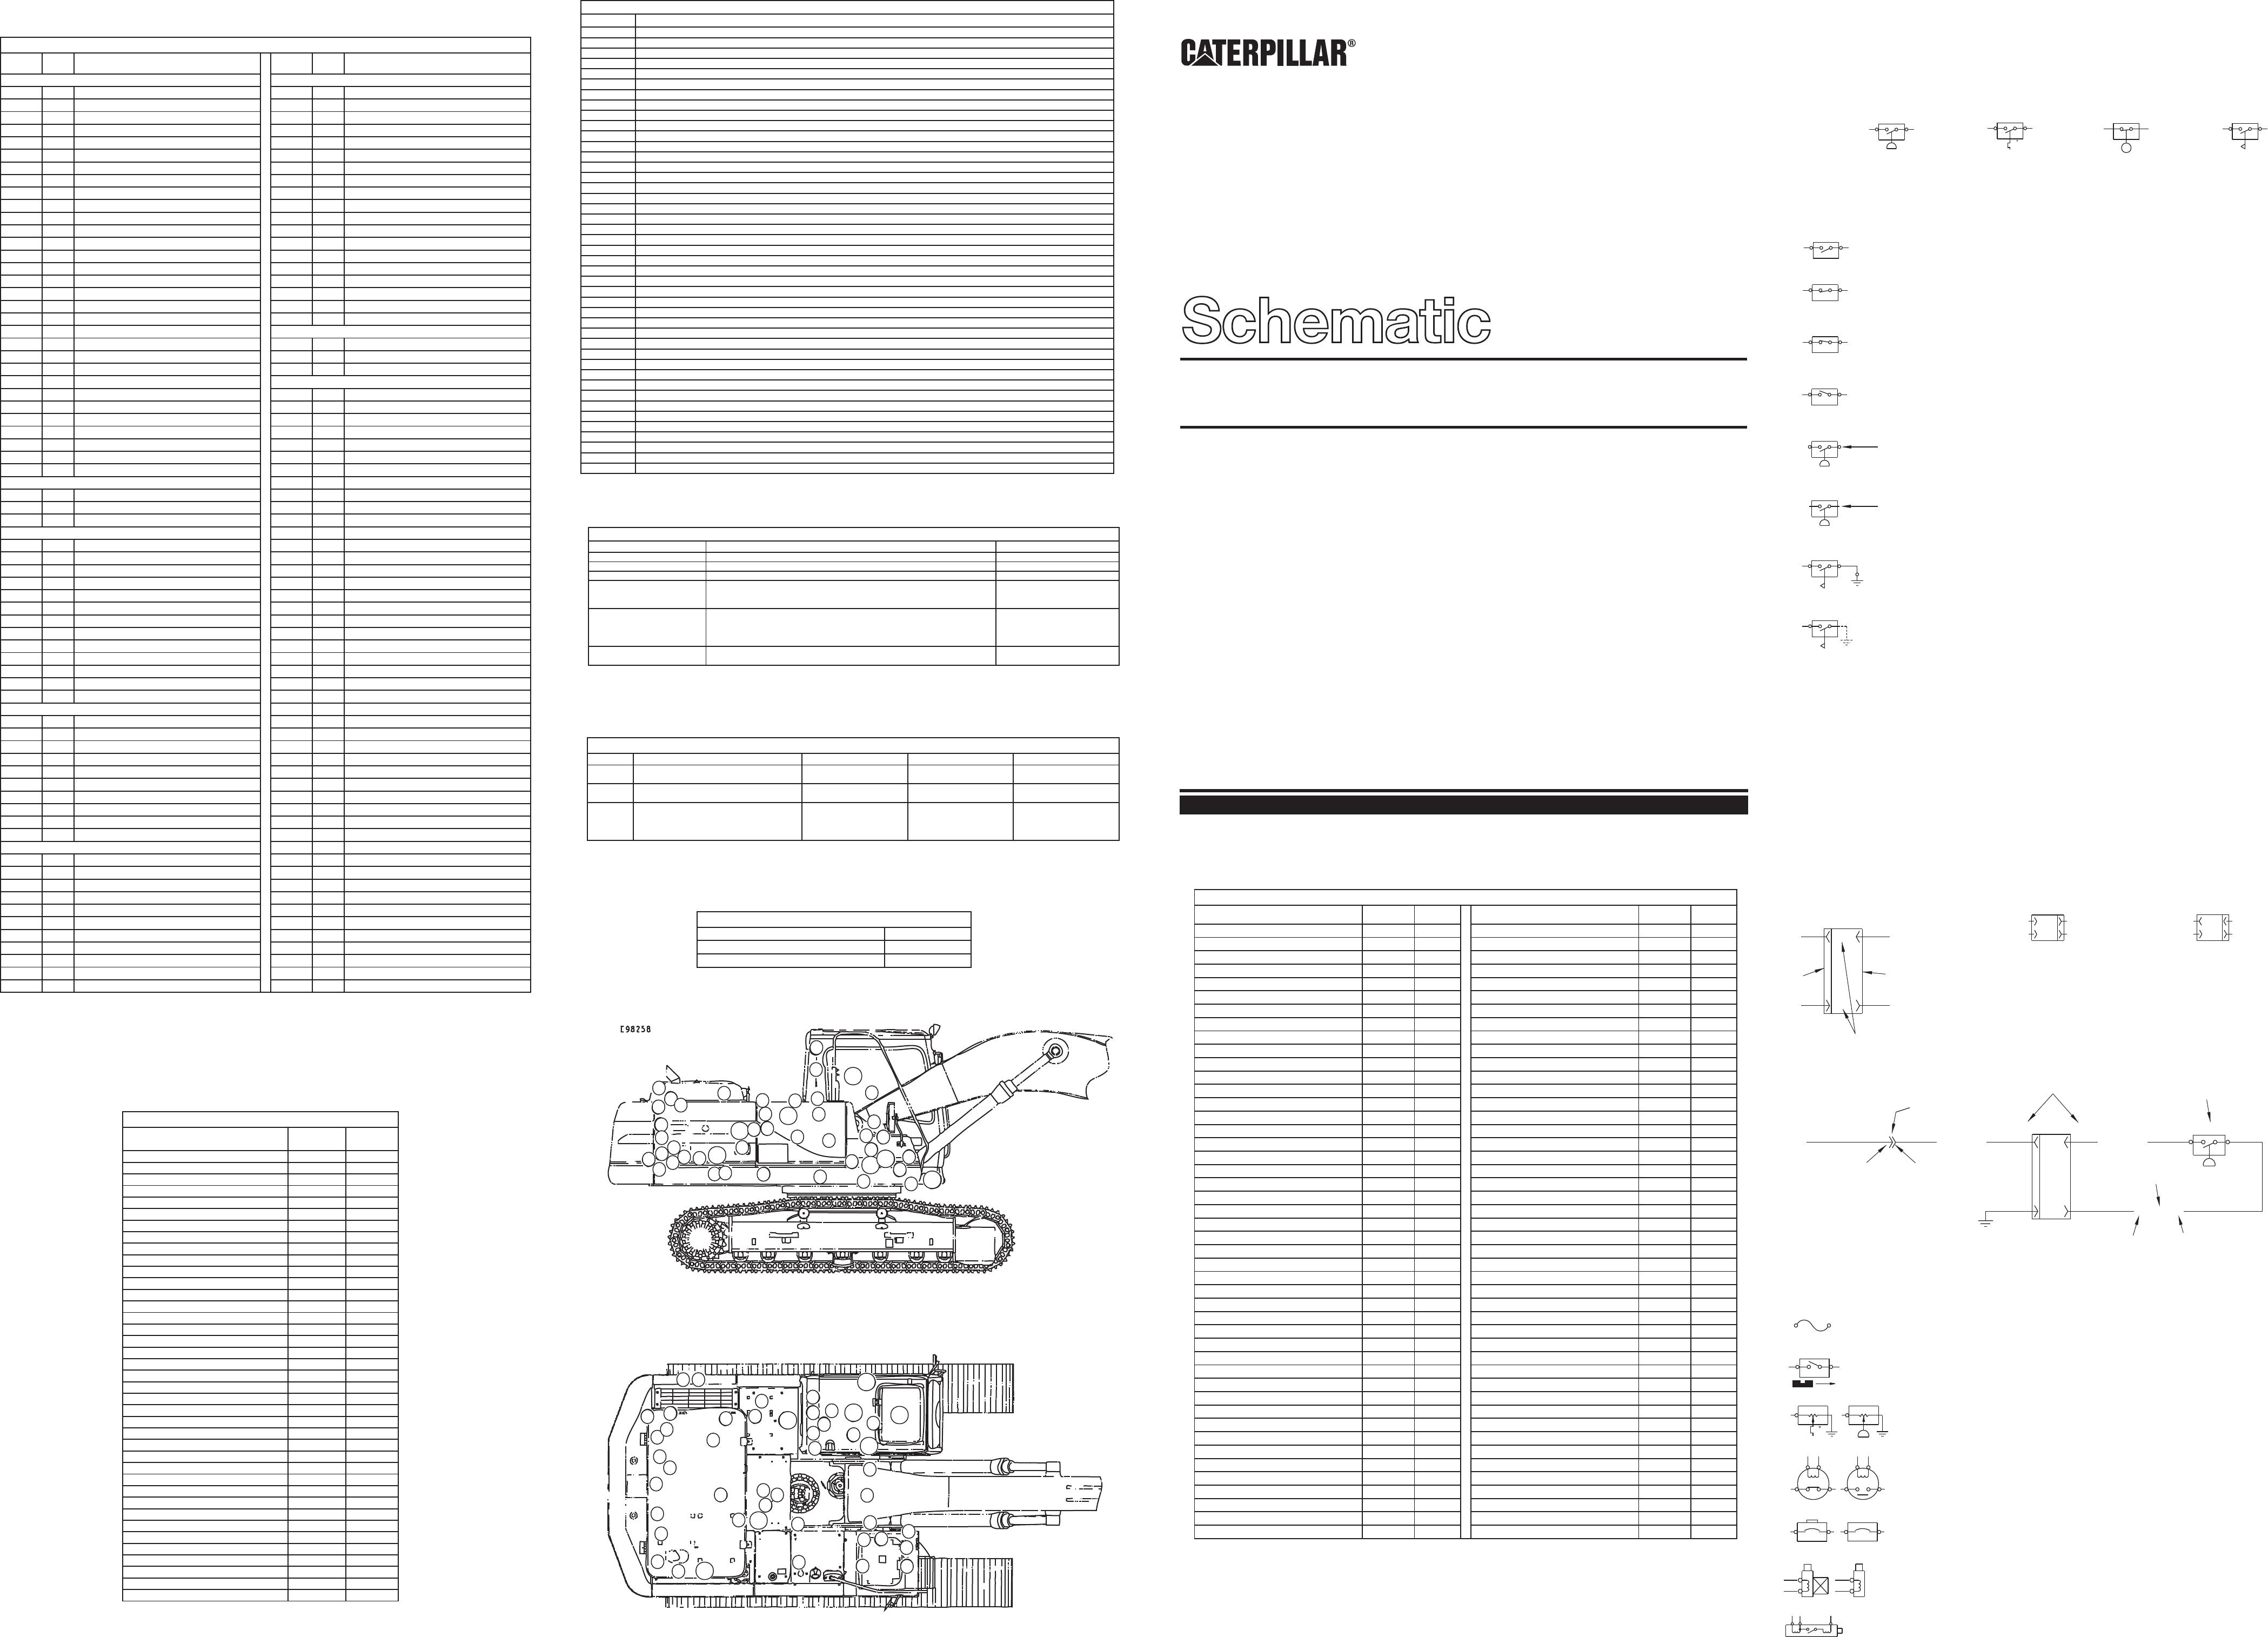 311B,312B,312B L EXCAVATOR ELECTRICAL SCHEMATIC USED IN SERVICE MANUAL  SENR9220 | CAT Machines Electrical SchematicCAT Machines Electrical Schematic